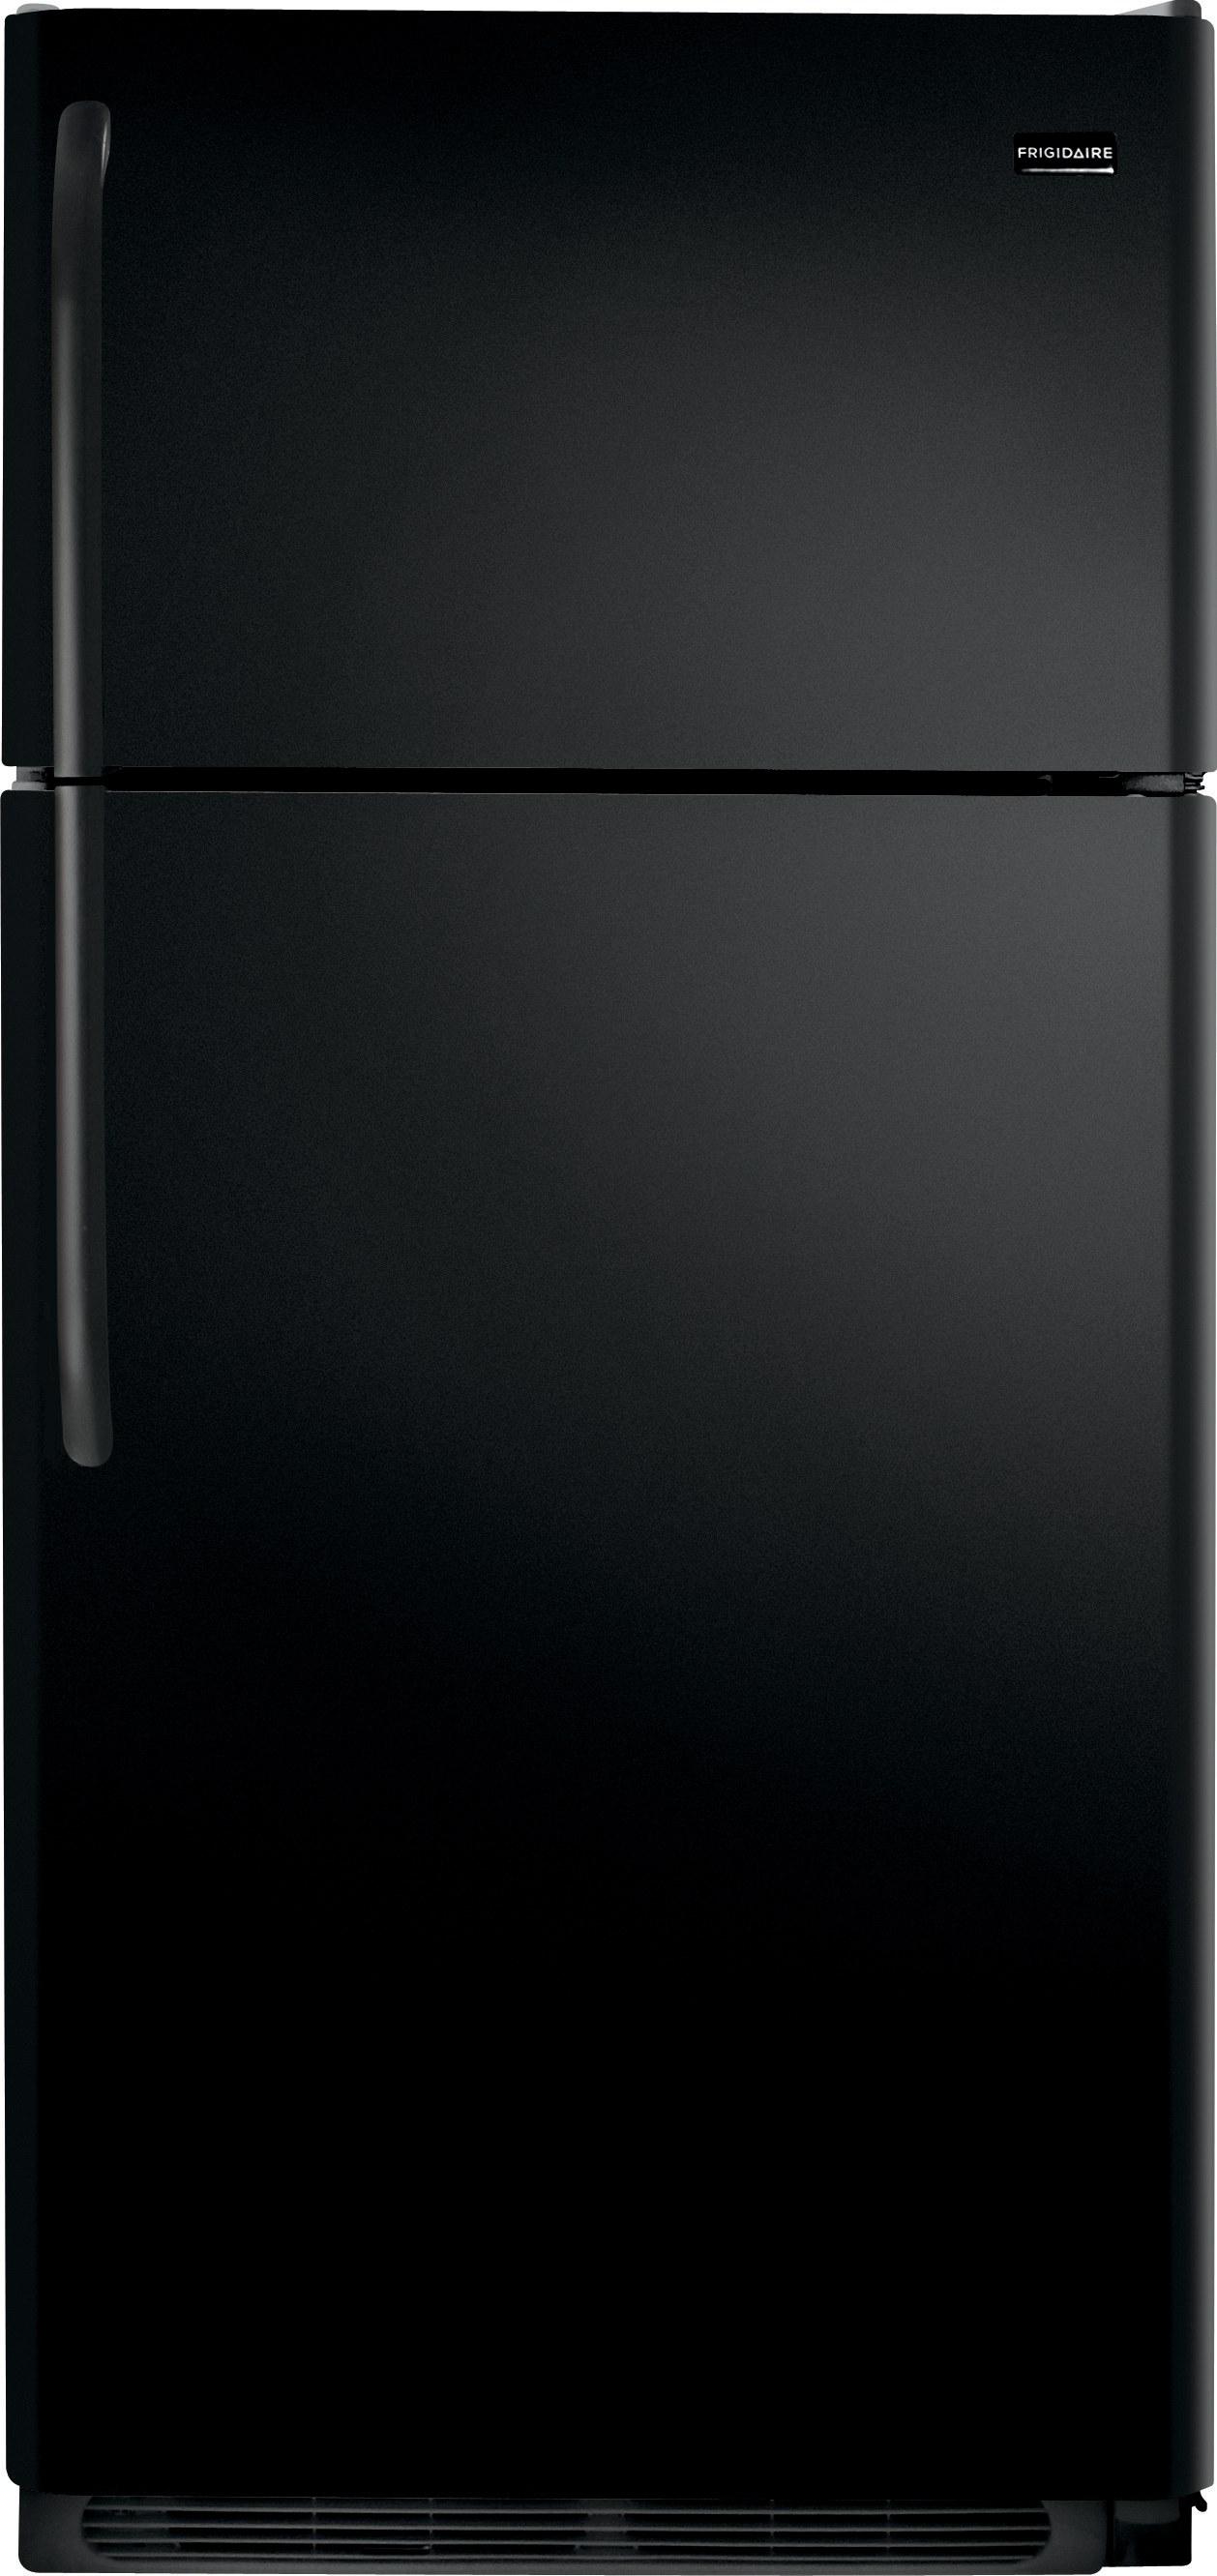 Frigidaire Ffht1821qb 30 Inch Top Freezer Refrigerator